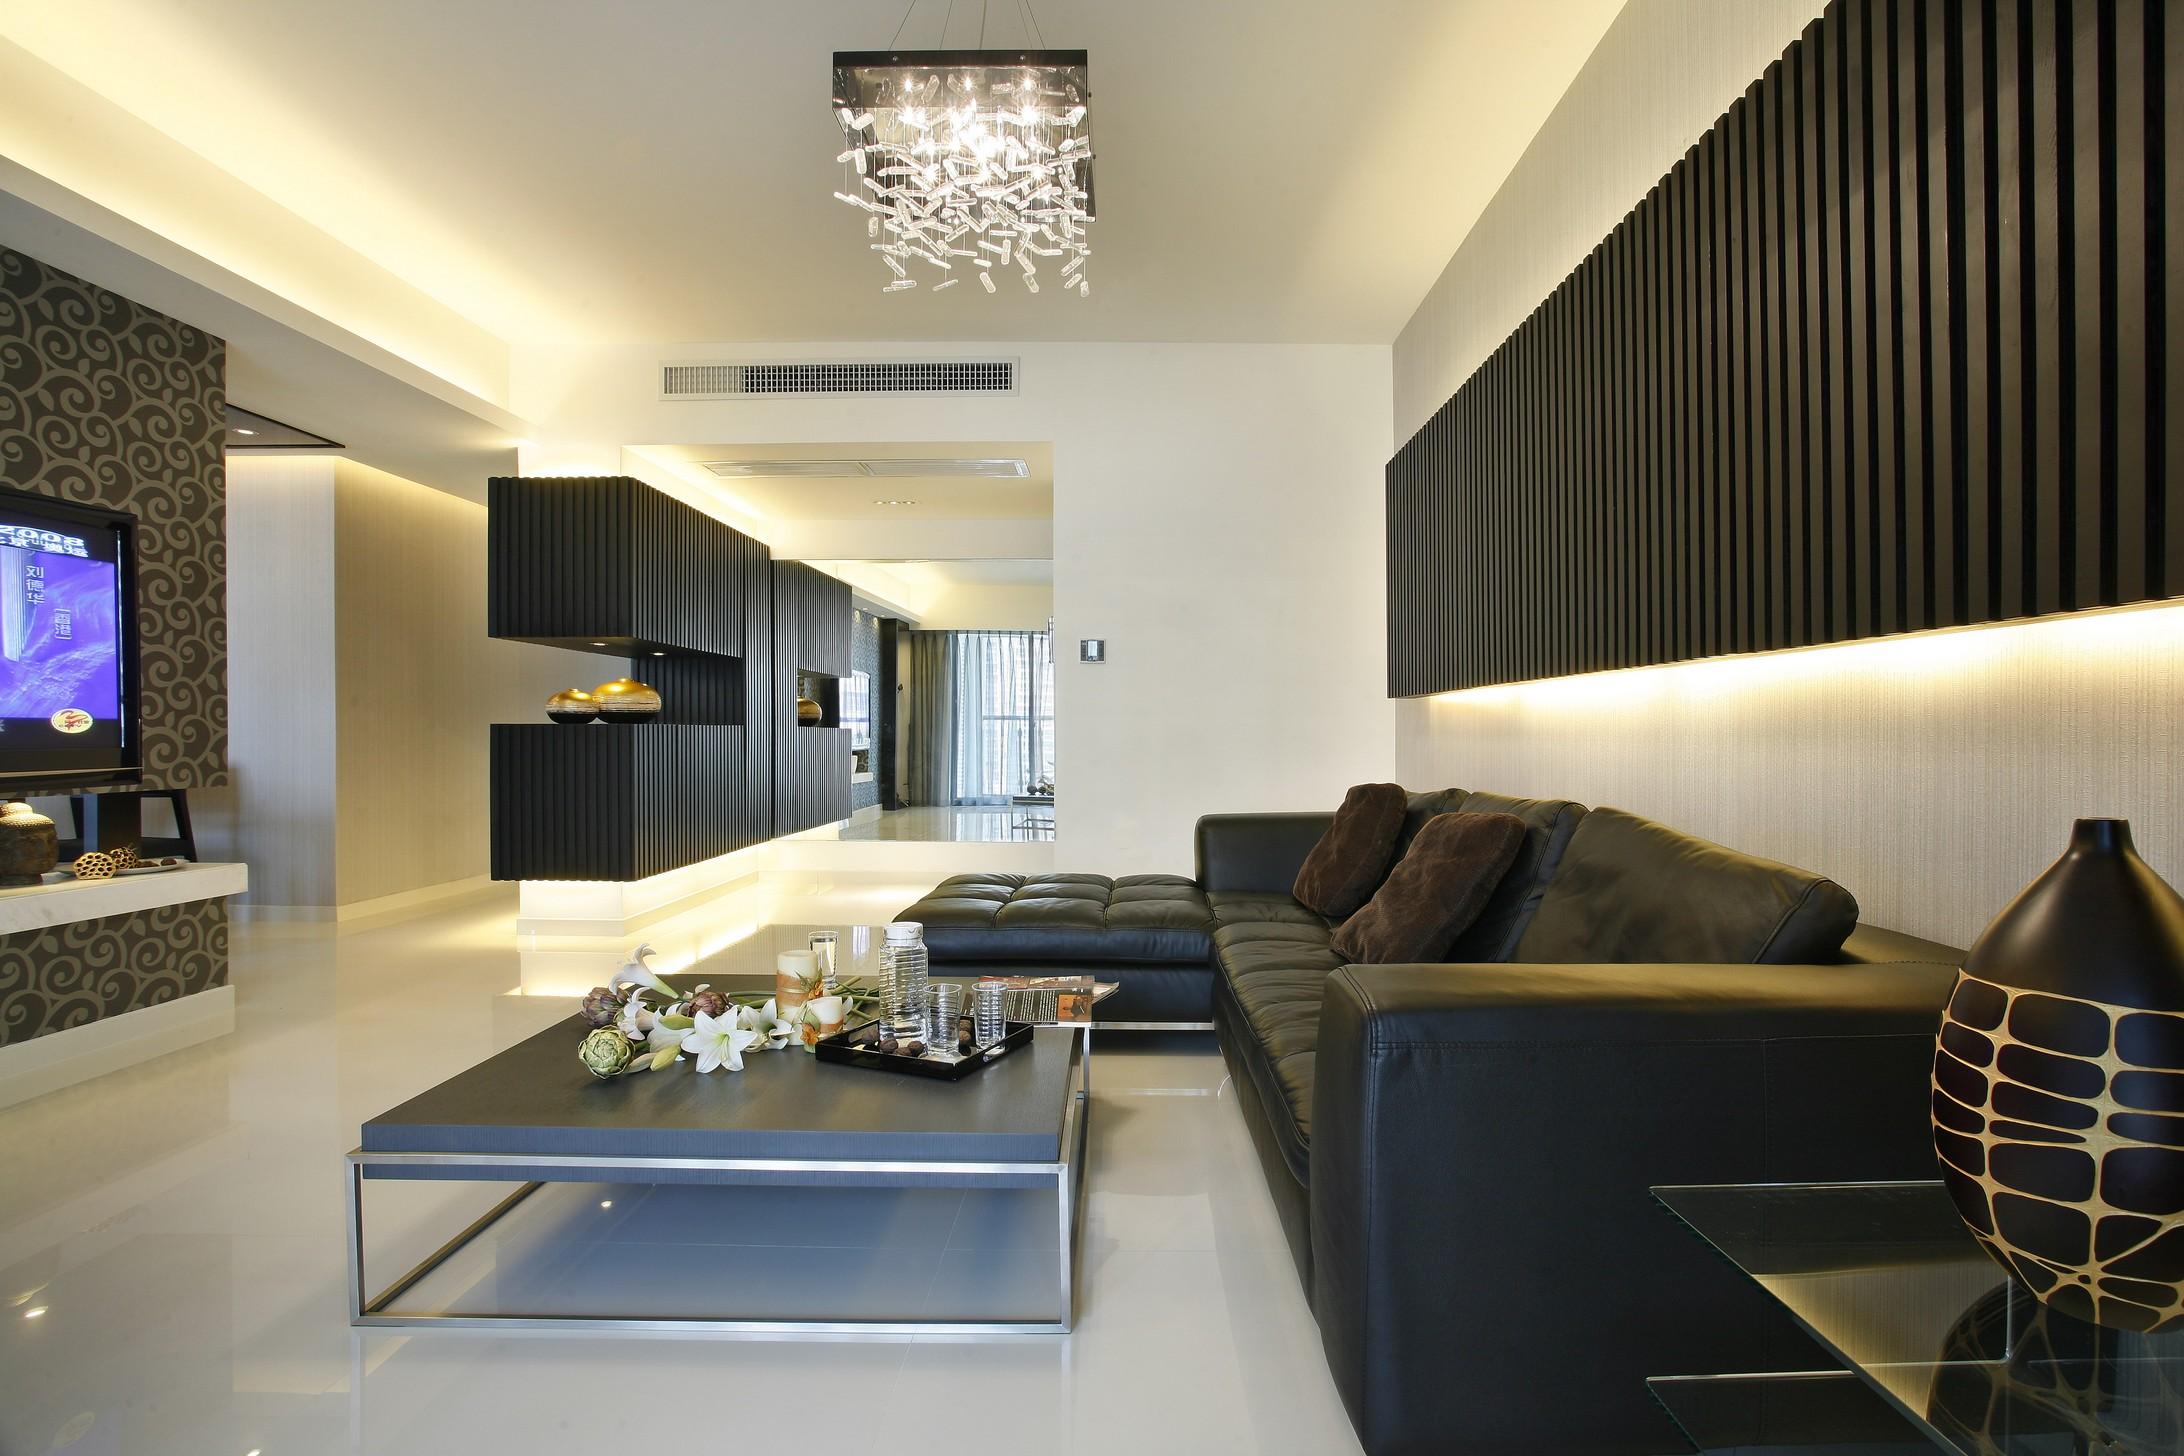 黑白元素的经典运用,让空间独居一格,绝不雷同,满足业主的需求